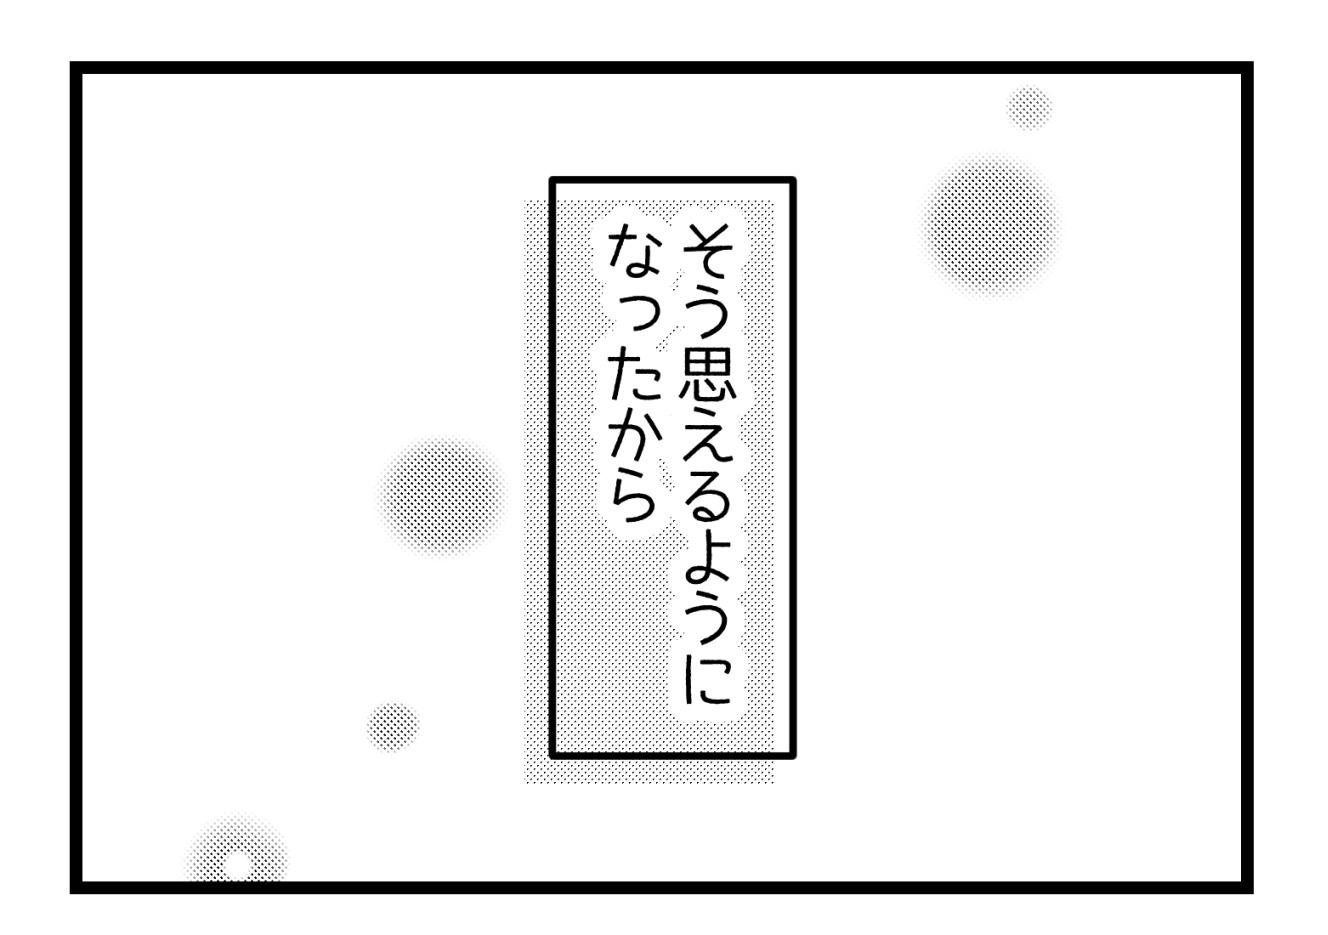 【連載】企画営業みつきの葛藤~仕事と妊活、どちらか選ばなきゃいけないの?~